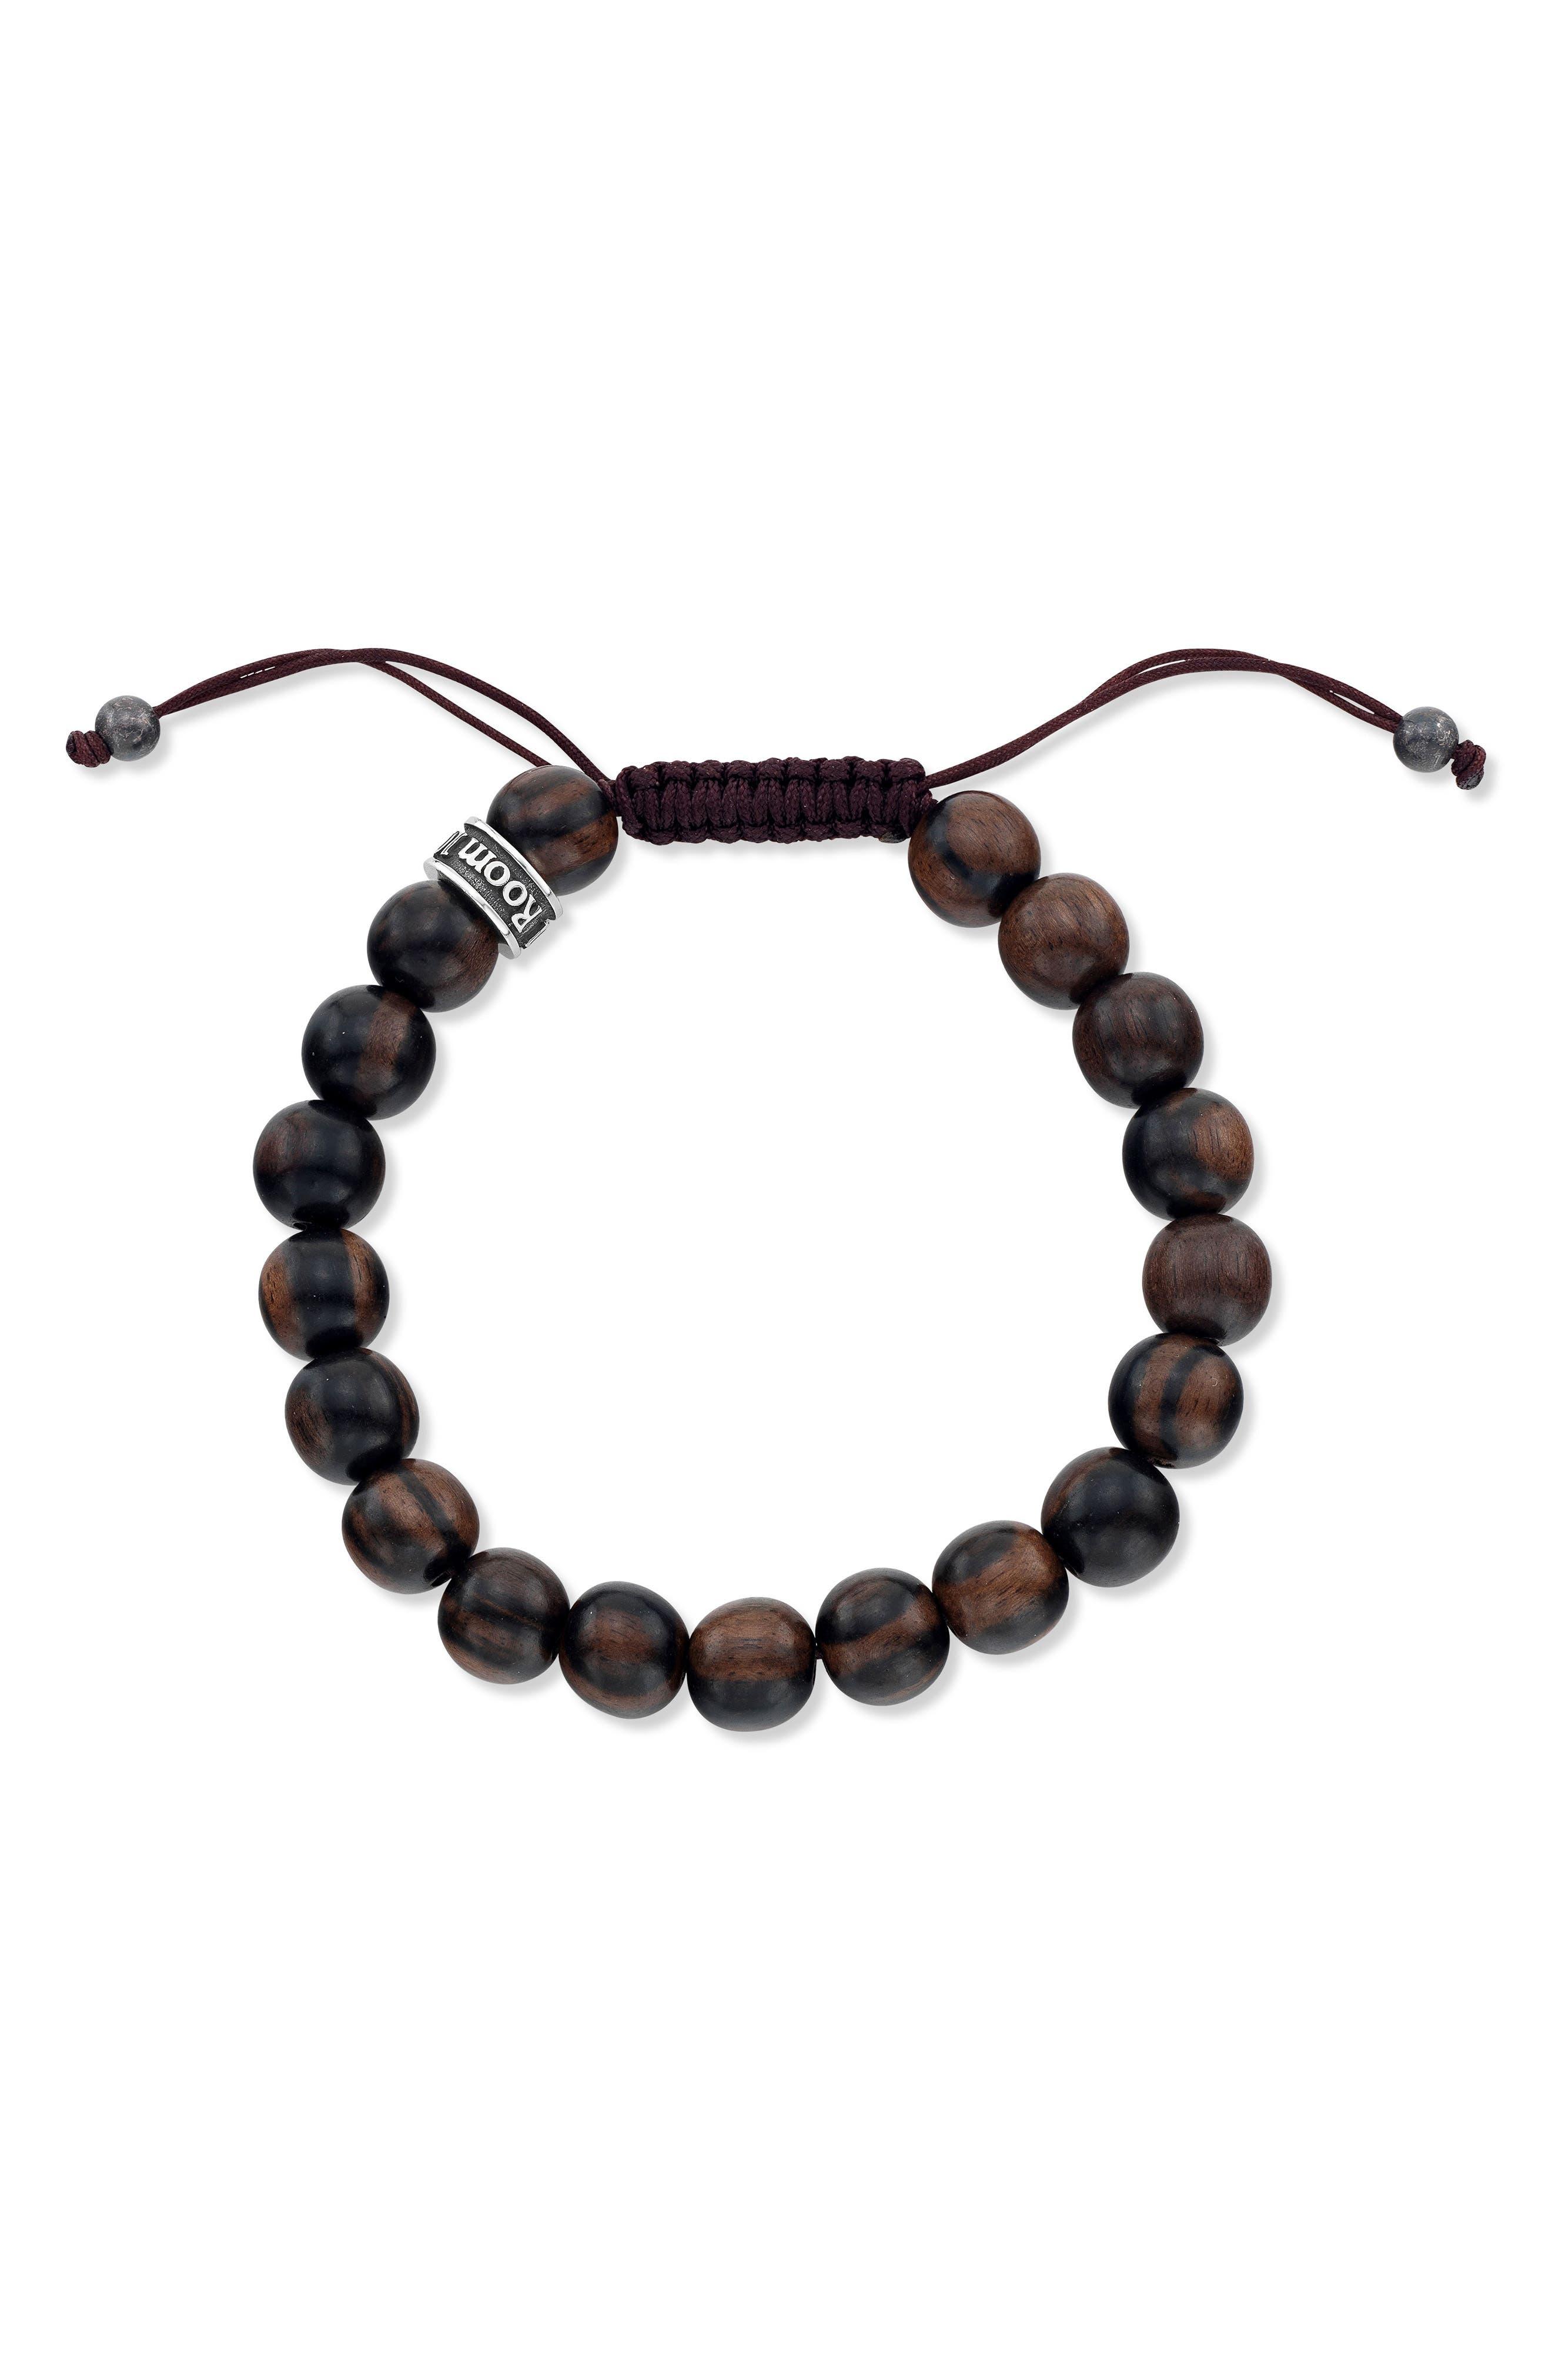 Wood Bead Shamballa Bracelet,                             Main thumbnail 1, color,                             201